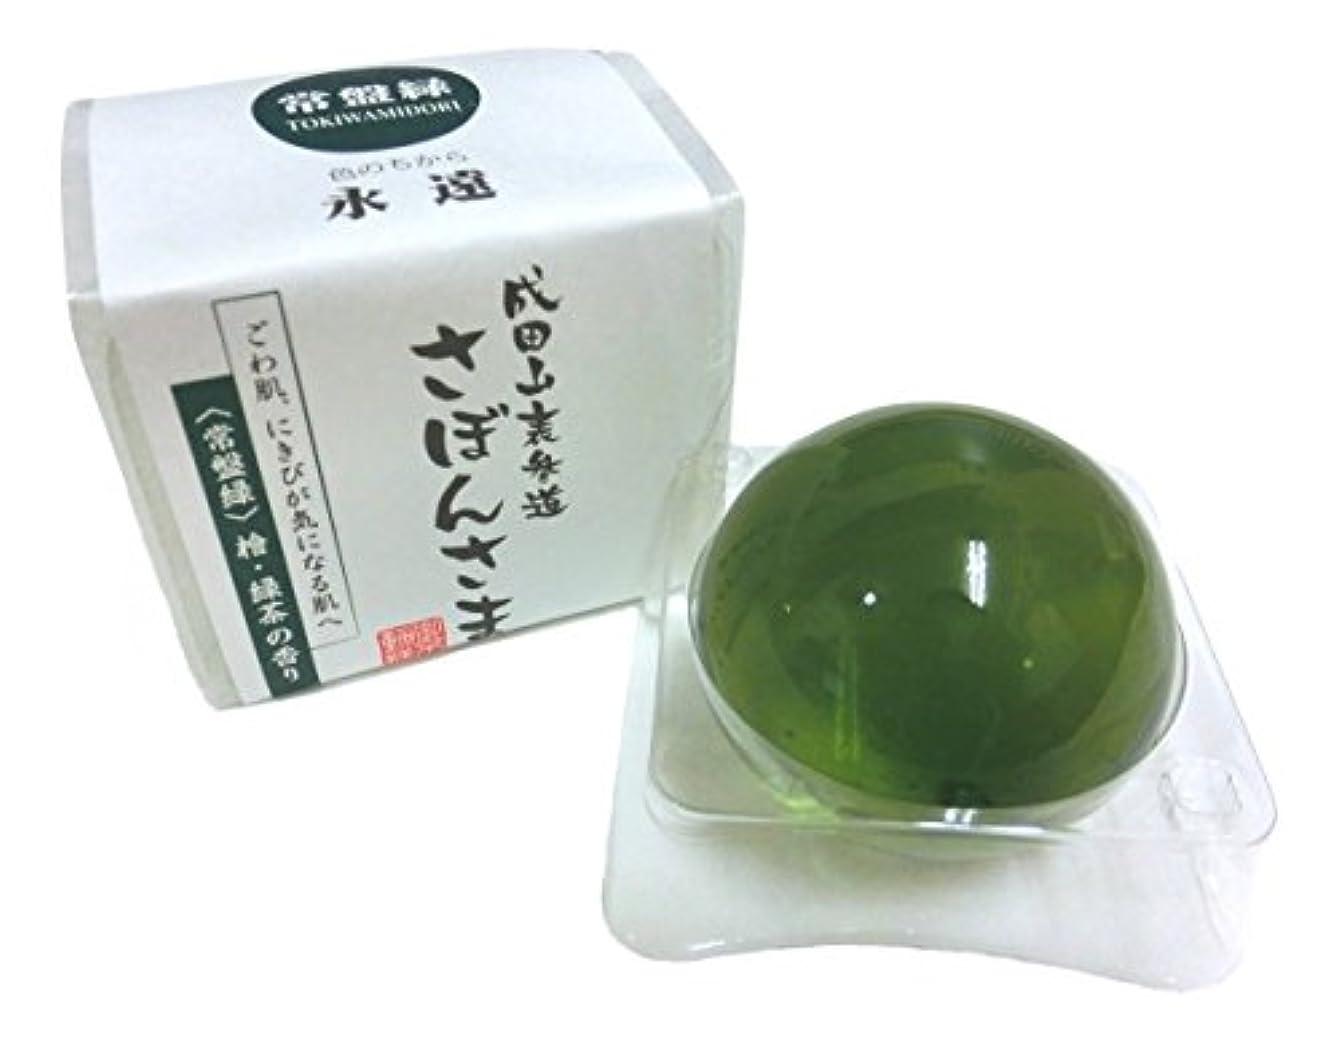 外側ナイトスポット見える成田山表参道 さぼんさま〈常盤緑〉檜?緑茶の香り 100g